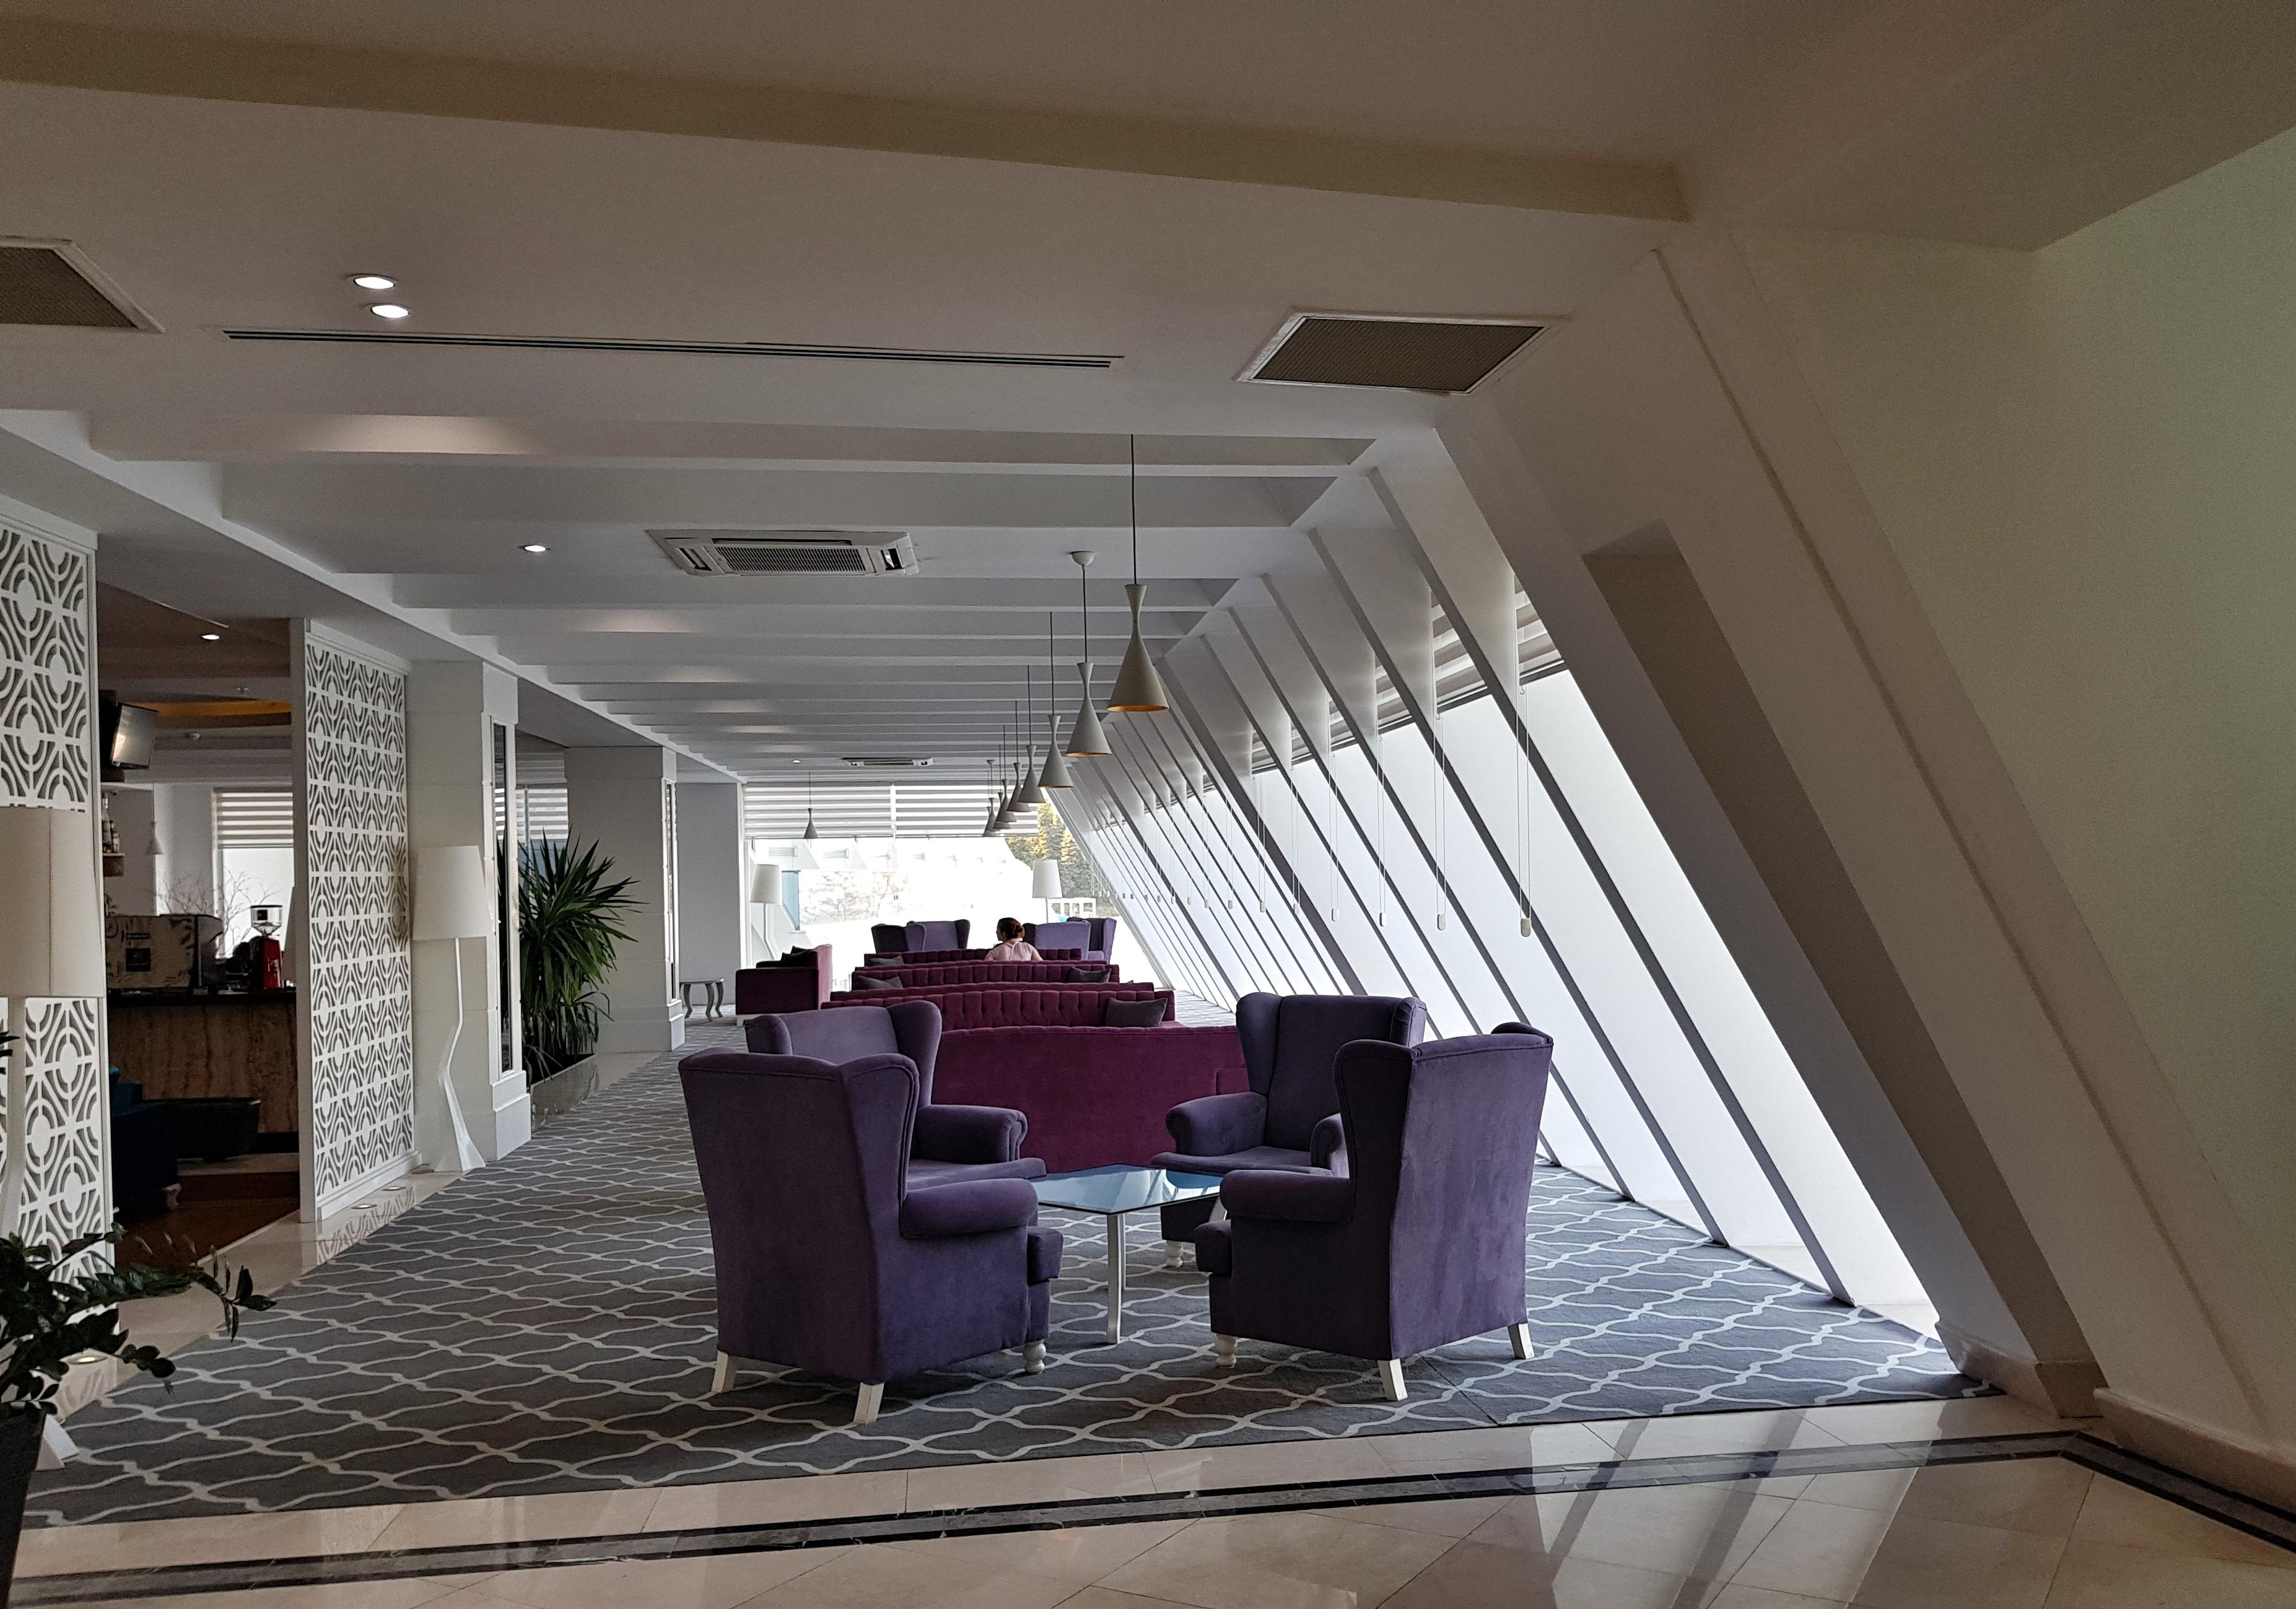 Hotel_izgrev_inside_struga